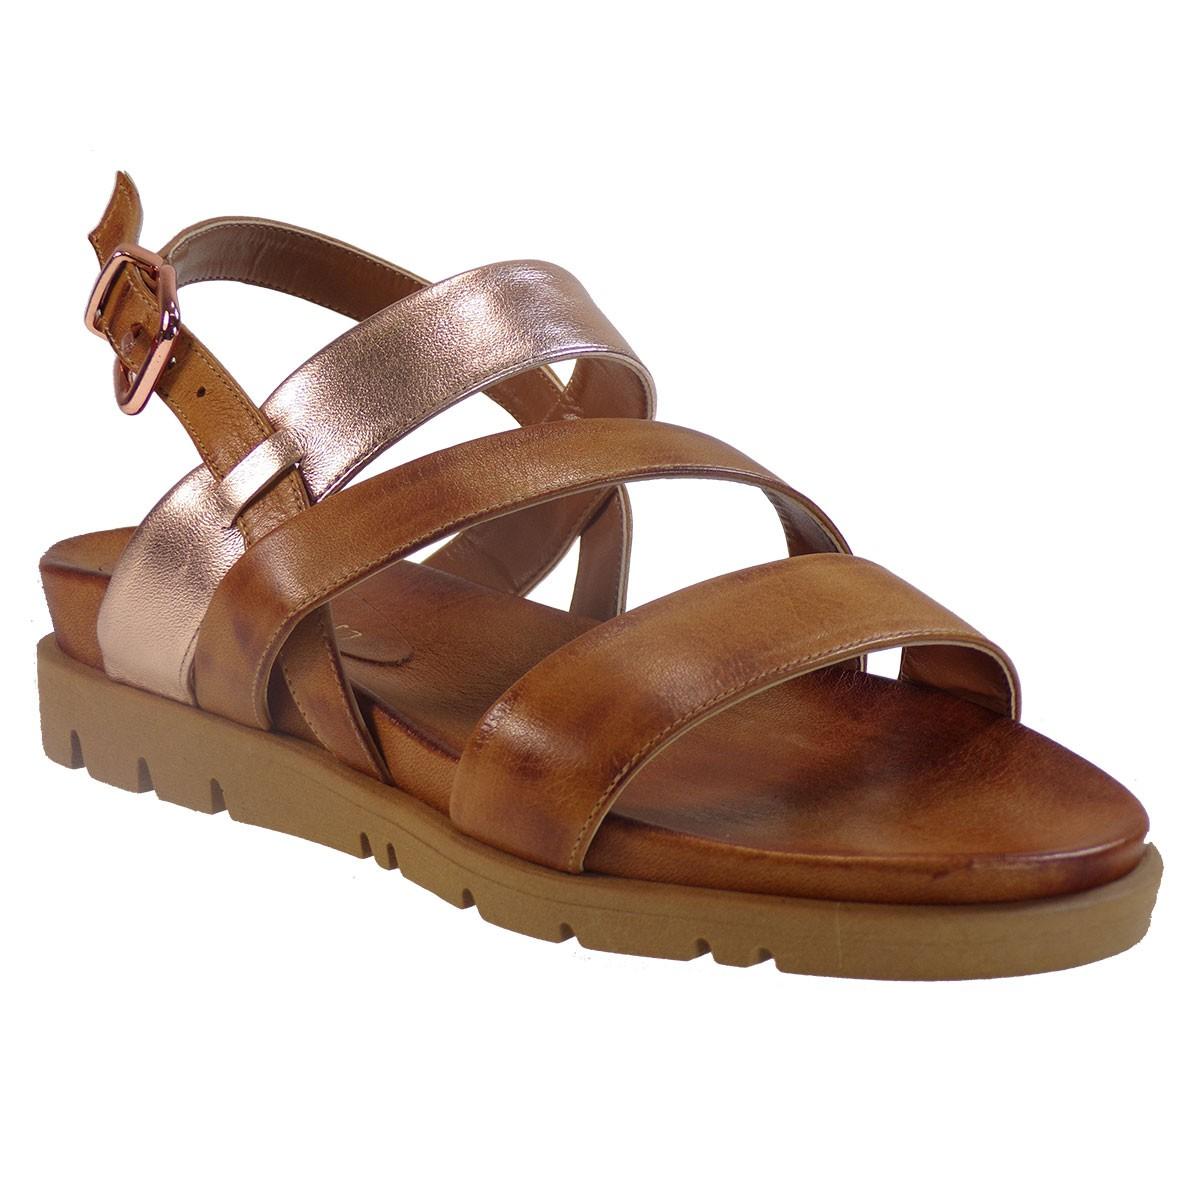 fardoulis shoes gynaikeia pedila flat 34281 tampa www.bagiotashoes.gr